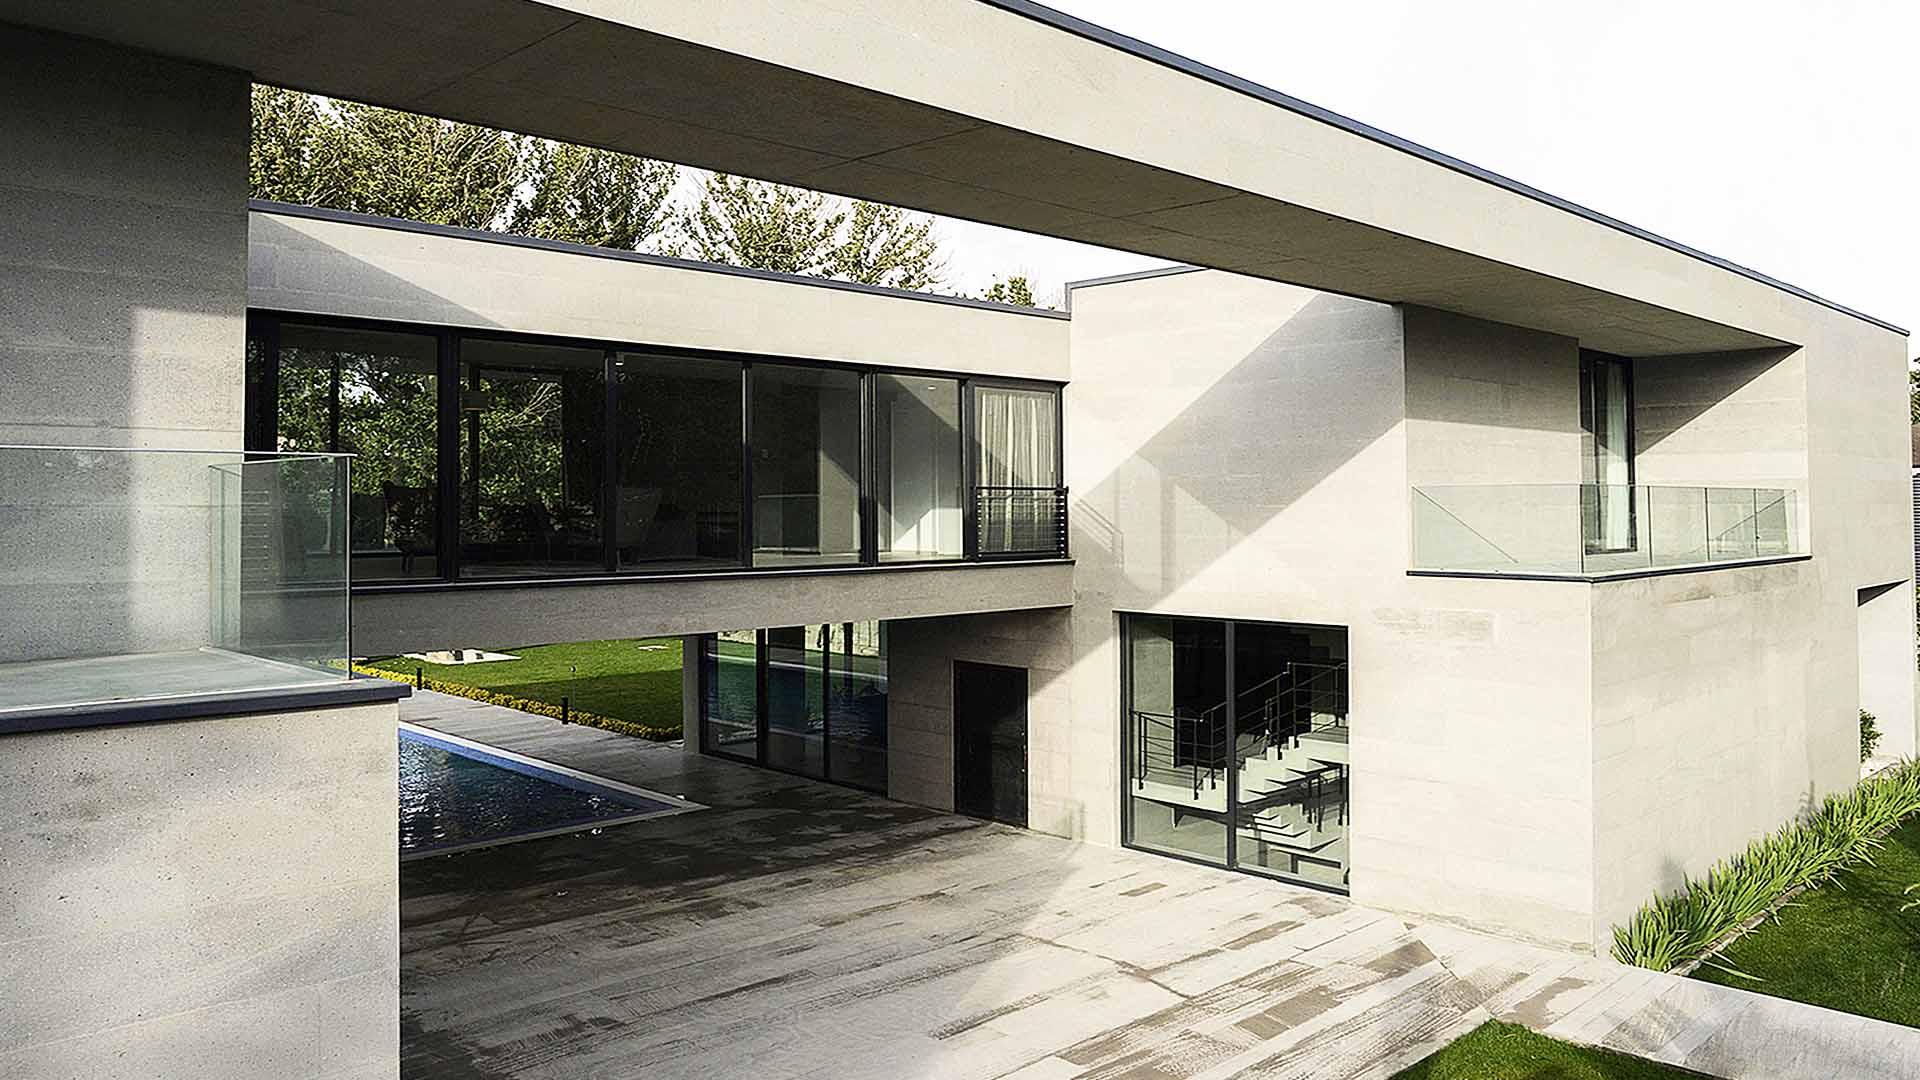 پروژه ویلای صفادشت برنده جایزه معمار سال 1395 کاری از دفتر معماری کامران حیرتی